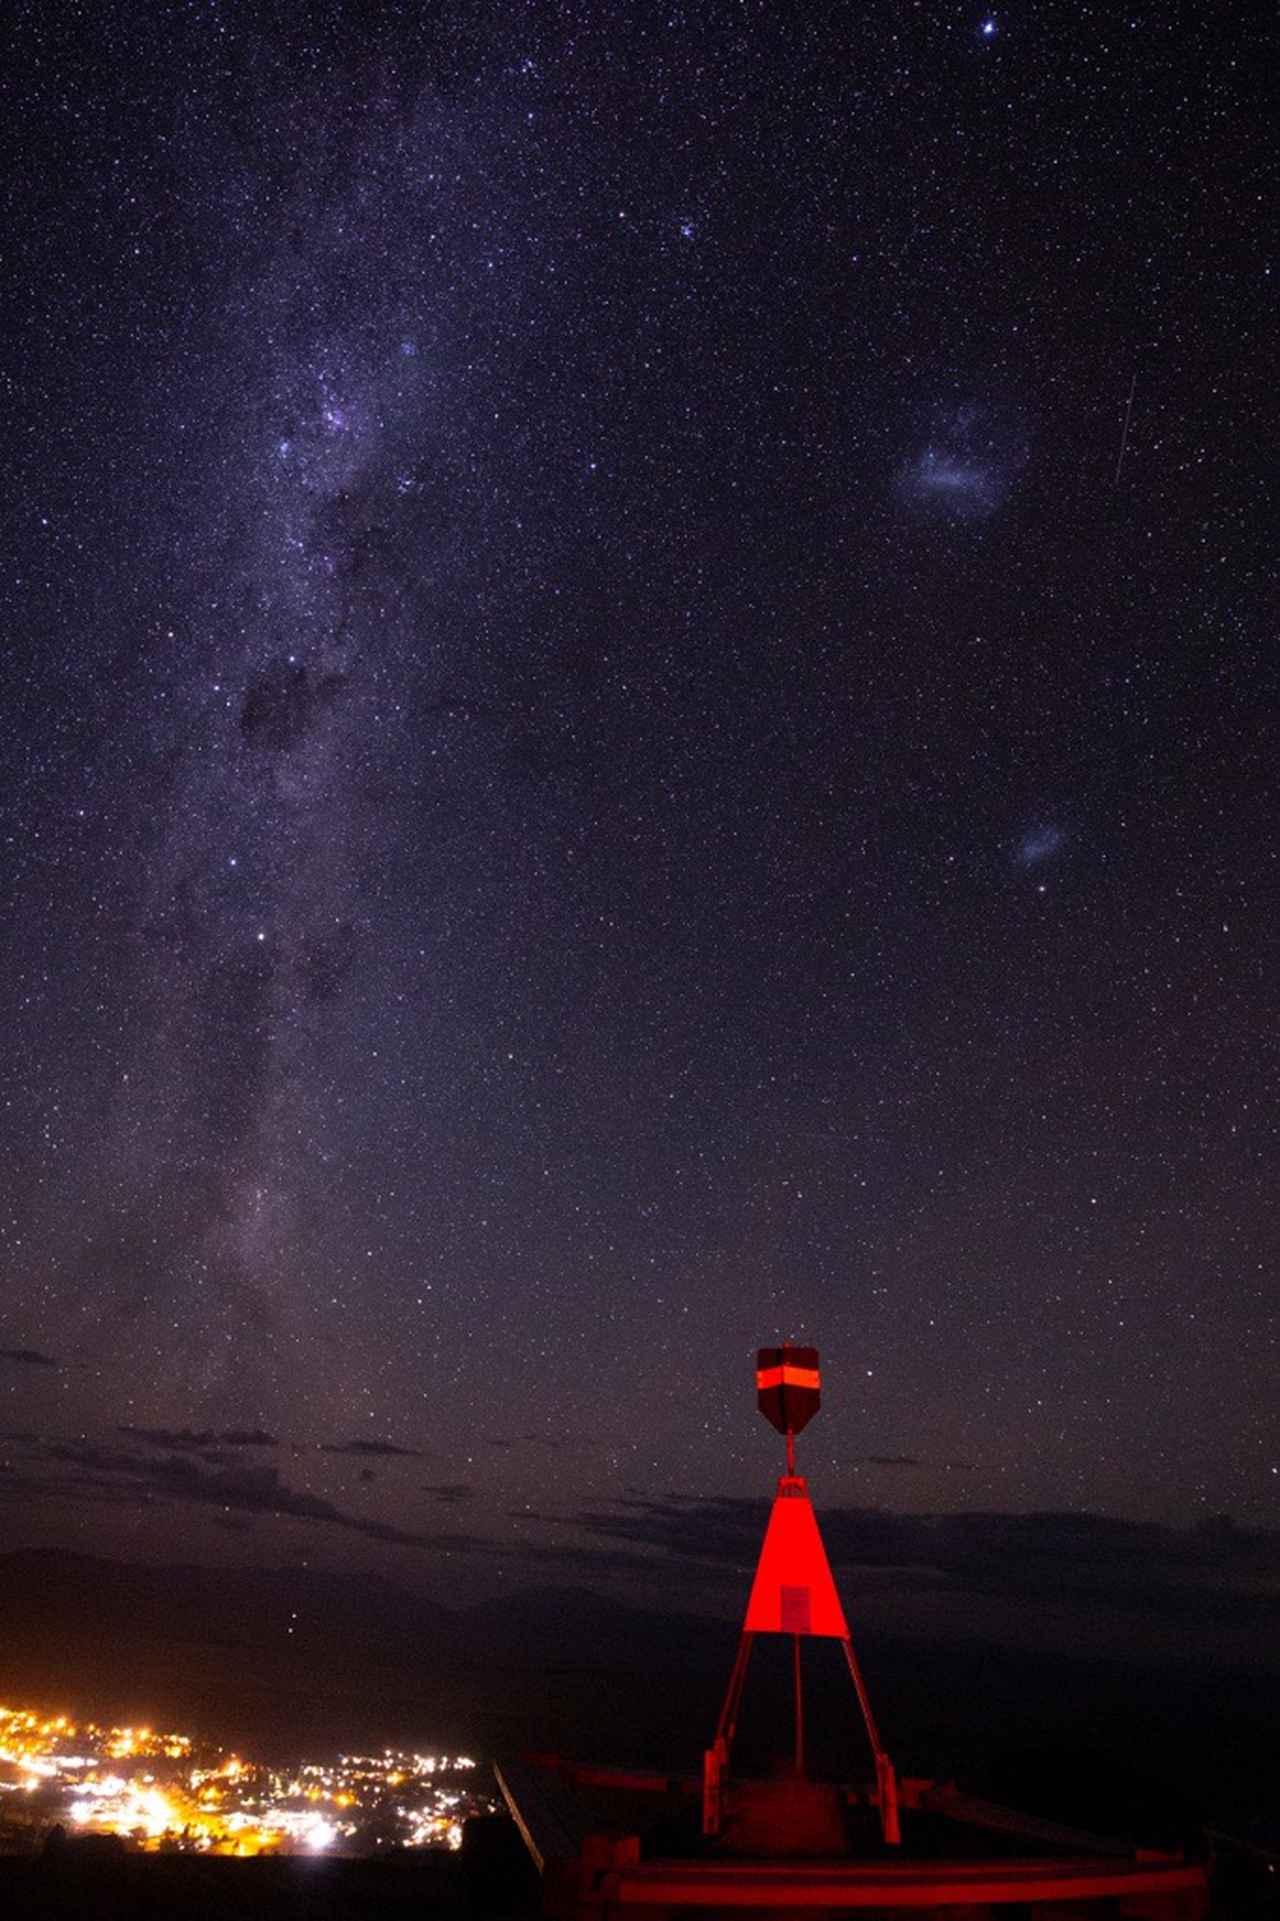 画像: マウントジョン天文台からの星空とテカポの街 ©2021 Hide Ozawa All Rights Reserved ※こちらにも『南十字座(南十字星)』!どれでしょう~?